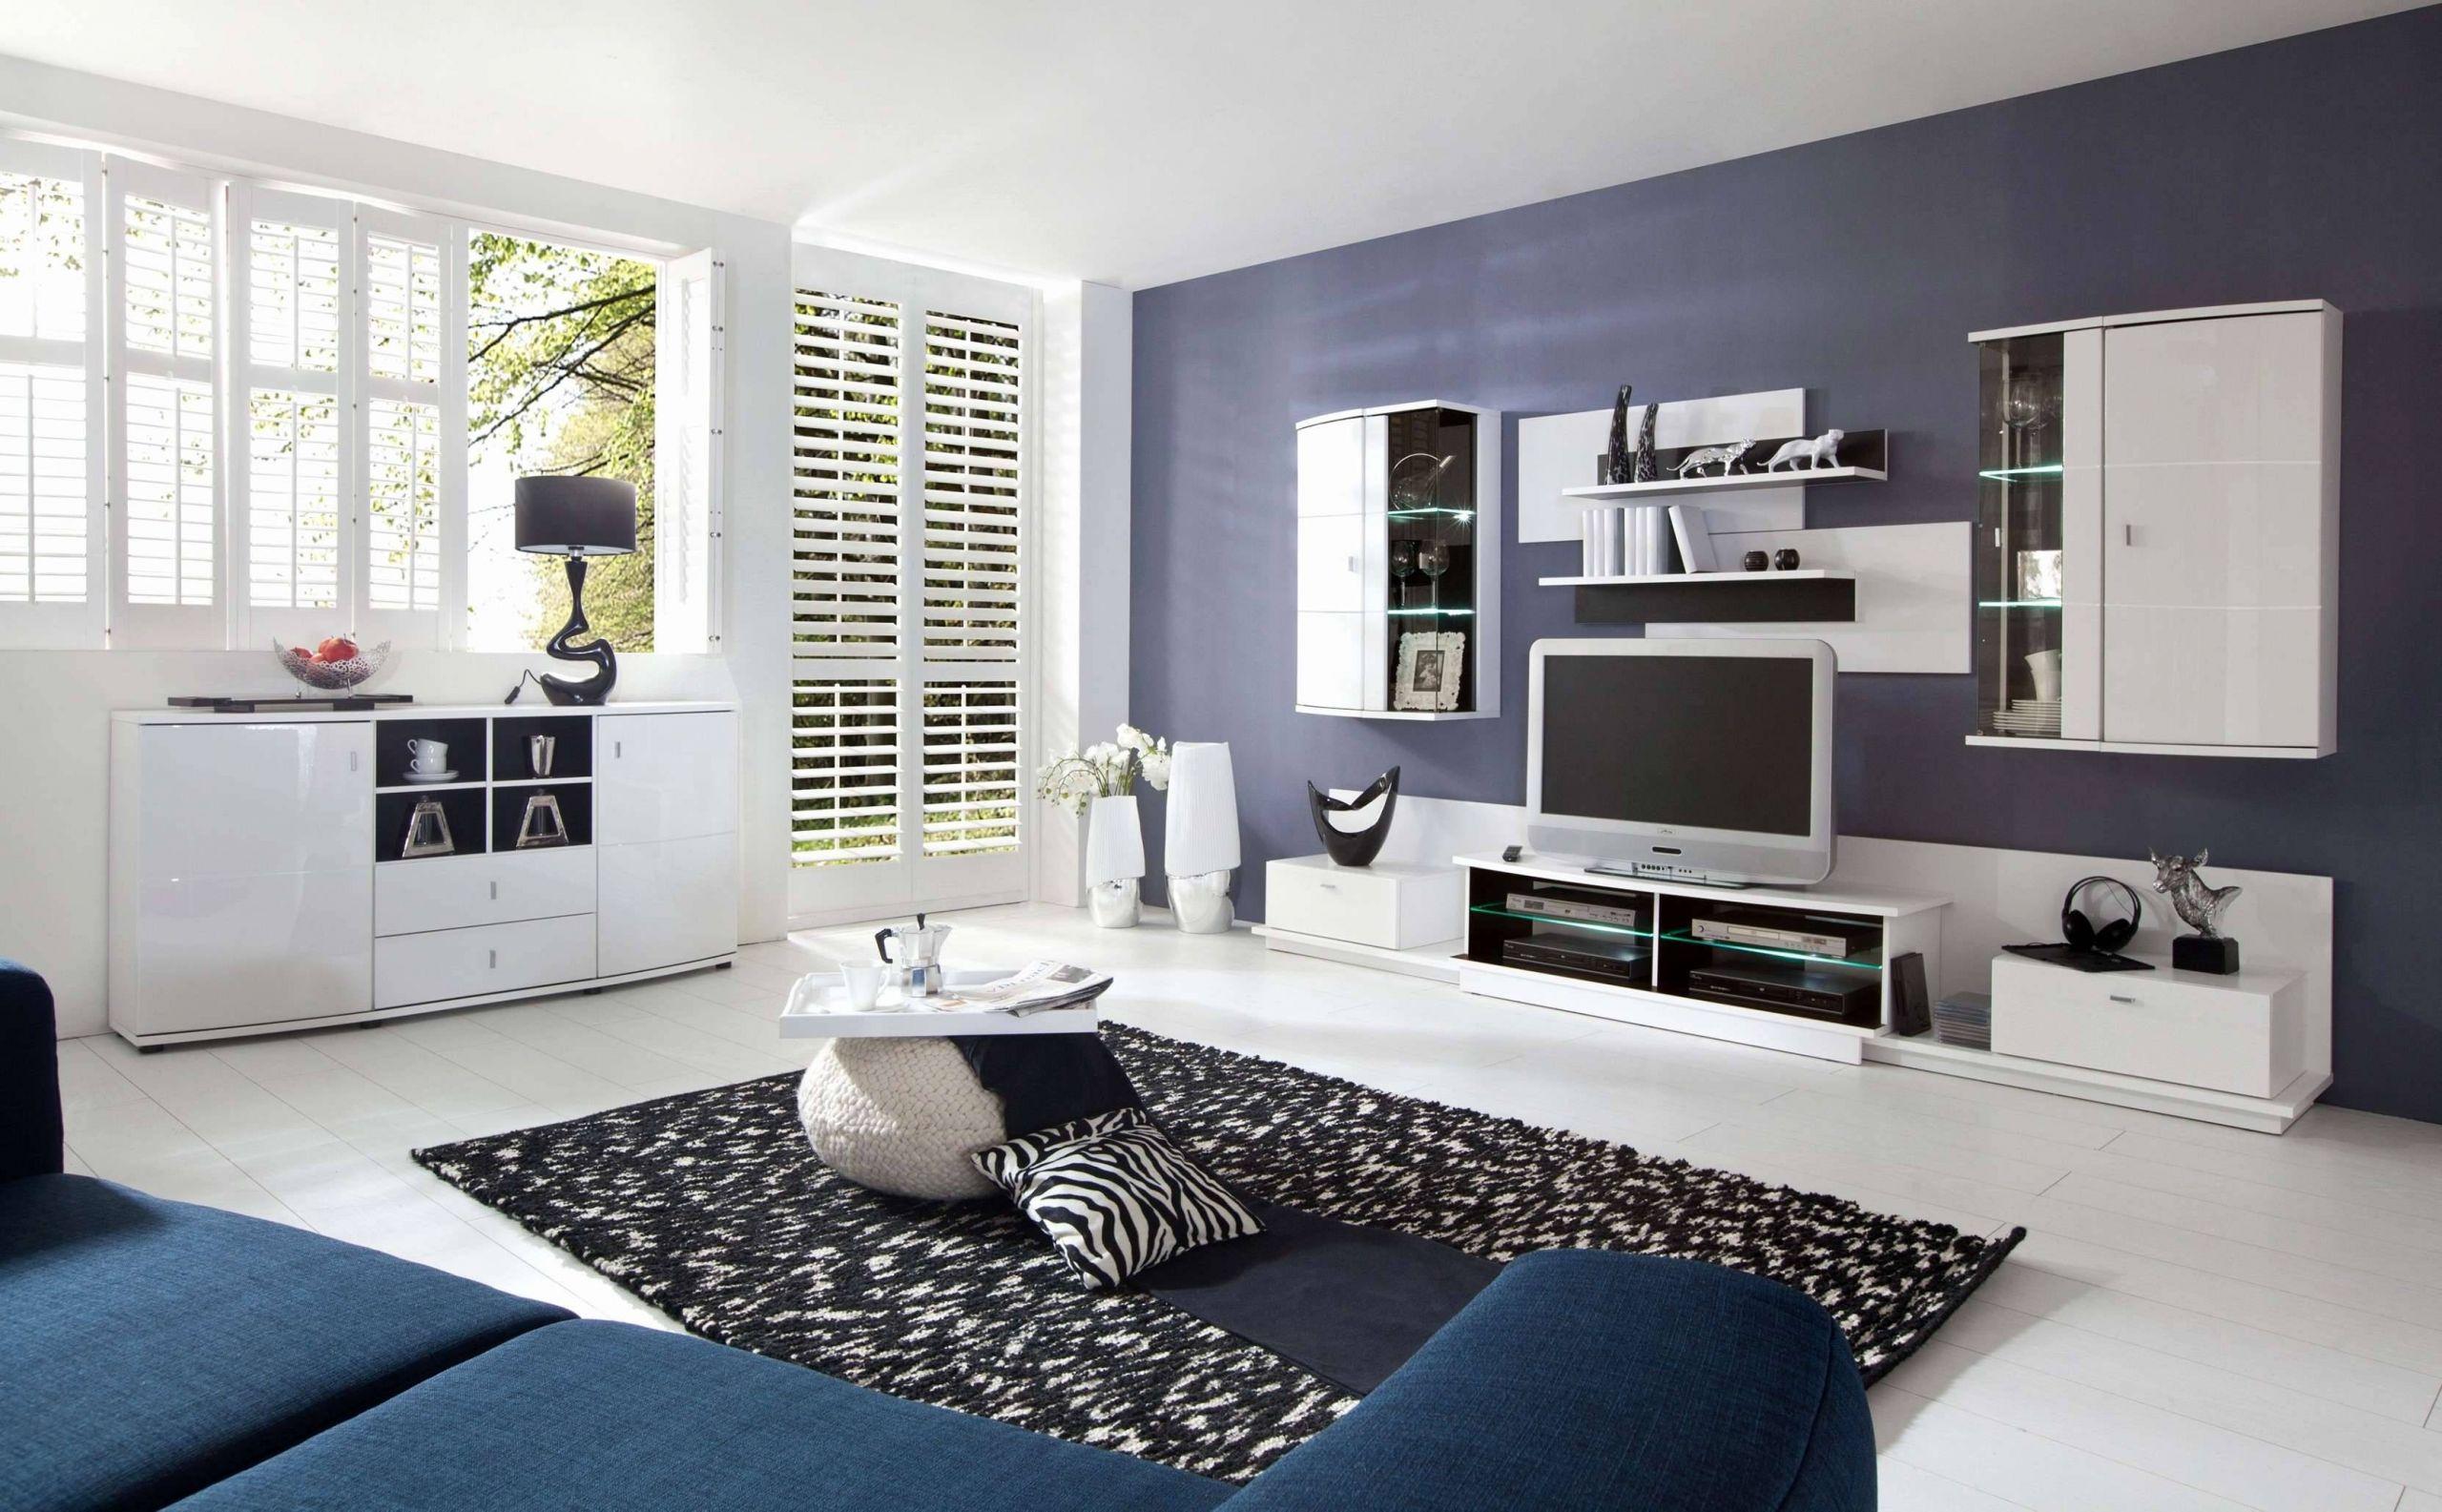 wohnzimmer dekoration kaufen lovely 45 schon deko shop pic of wohnzimmer dekoration kaufen